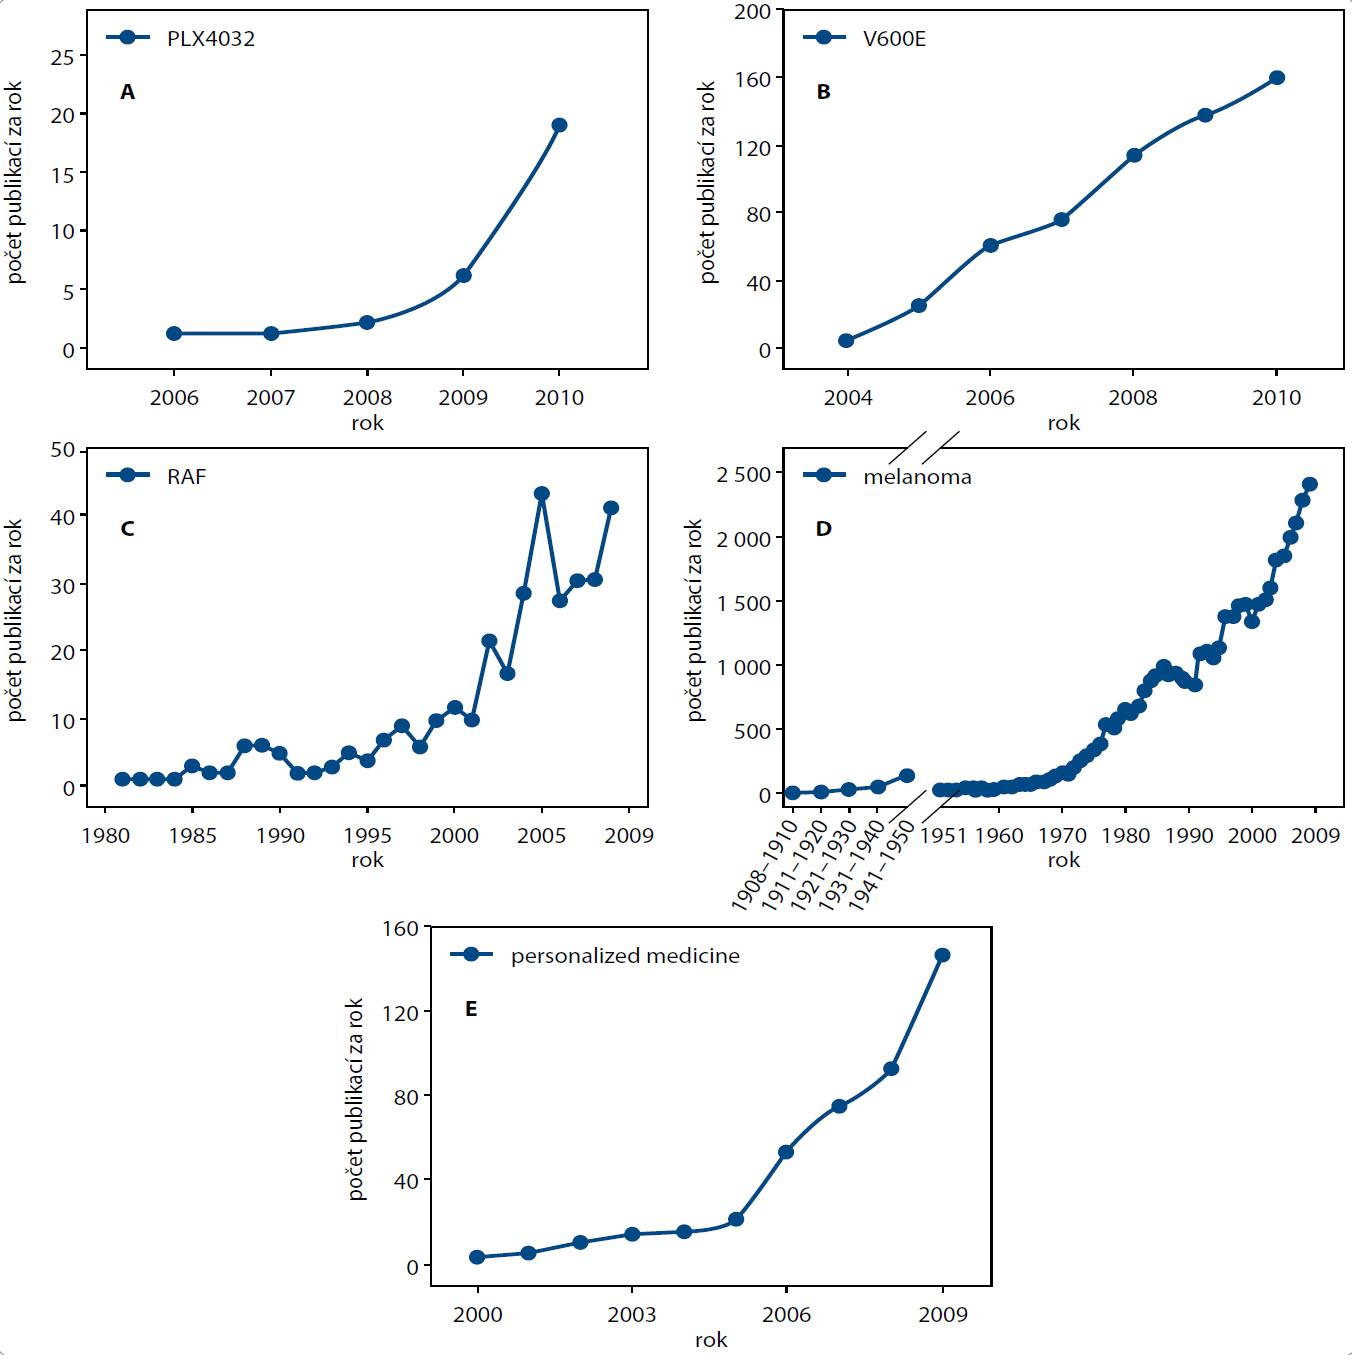 Bibliometrická analýza dokumentující rychlý vzestup zájmu o témata diskutovaná v tomto příspěvku, ať již jde o samotnou inhibici aktivity B-RAF kinázy, či obecně o personalizovanou medicínu jako takovou. Analýza byla provedena dle protokolu popsaného detailněji dříve [55]. Krátce, v databázové platformě WOS byl vyhledán počet publikací o (A) inhibitoru PLX4032, (B) mutaci B-RAFV600E, (C) RAF kinázách ve vztahu ke vzniku a progresi nádorového bujení, (D) melanomech a (E) personalizované medicíně. Použité vyhledávací fráze a celkový počet nalezených záznamů byl následující: (A) Topic=(plx4032); n = 29 záznamů; (B) Topic=(V600E); n = 586 záznamů; (C) Title=(raf) AND Title=(cancer* OR tumor* OR tumour*); n = 339 záznamů; (D) Title=(melanoma); n = 45,192 záznamů; (E) Title=(personalized medicine); n = 606 záznamů. Vyhledávání reprezentuje pouze záznamy zahrnuté v databázové platformě WOS a obsahující v názvu (C–E), popř. i v abstraktu či klíčových slovech (A–B) předmětnou frázi. Vyhledávání bylo provedeno 9. ledna 2011.